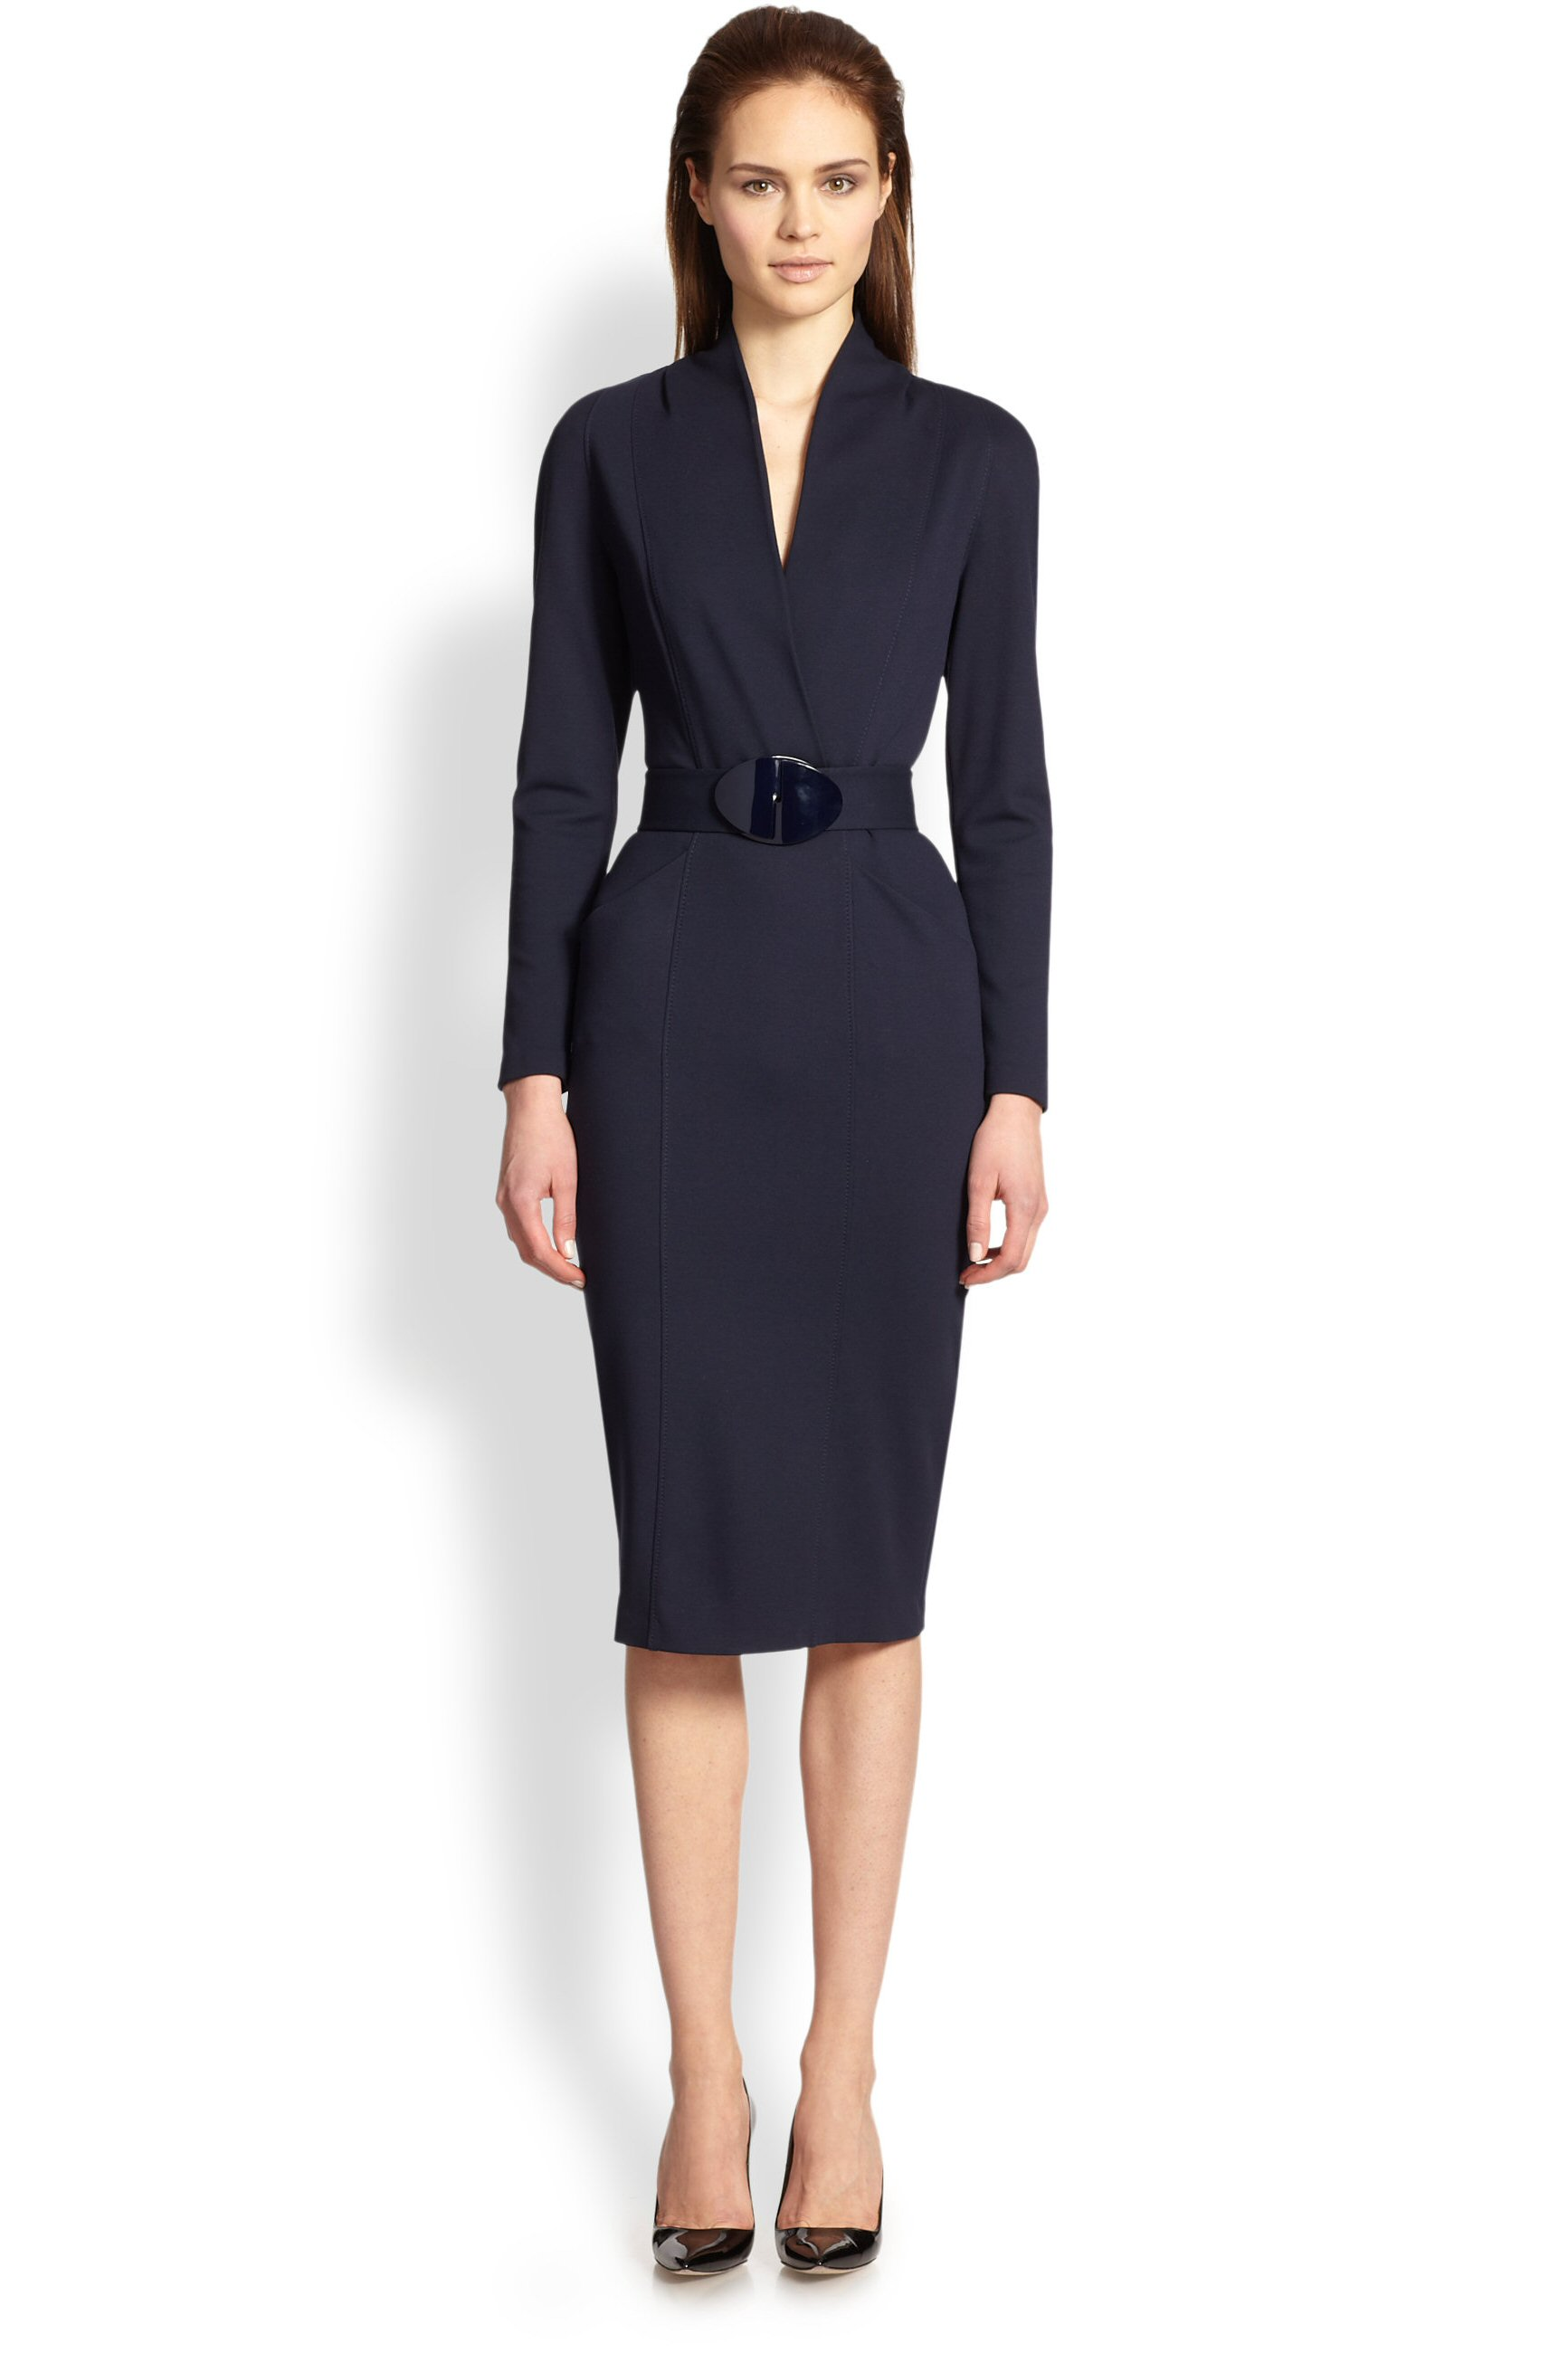 Armani Workwear 16-33